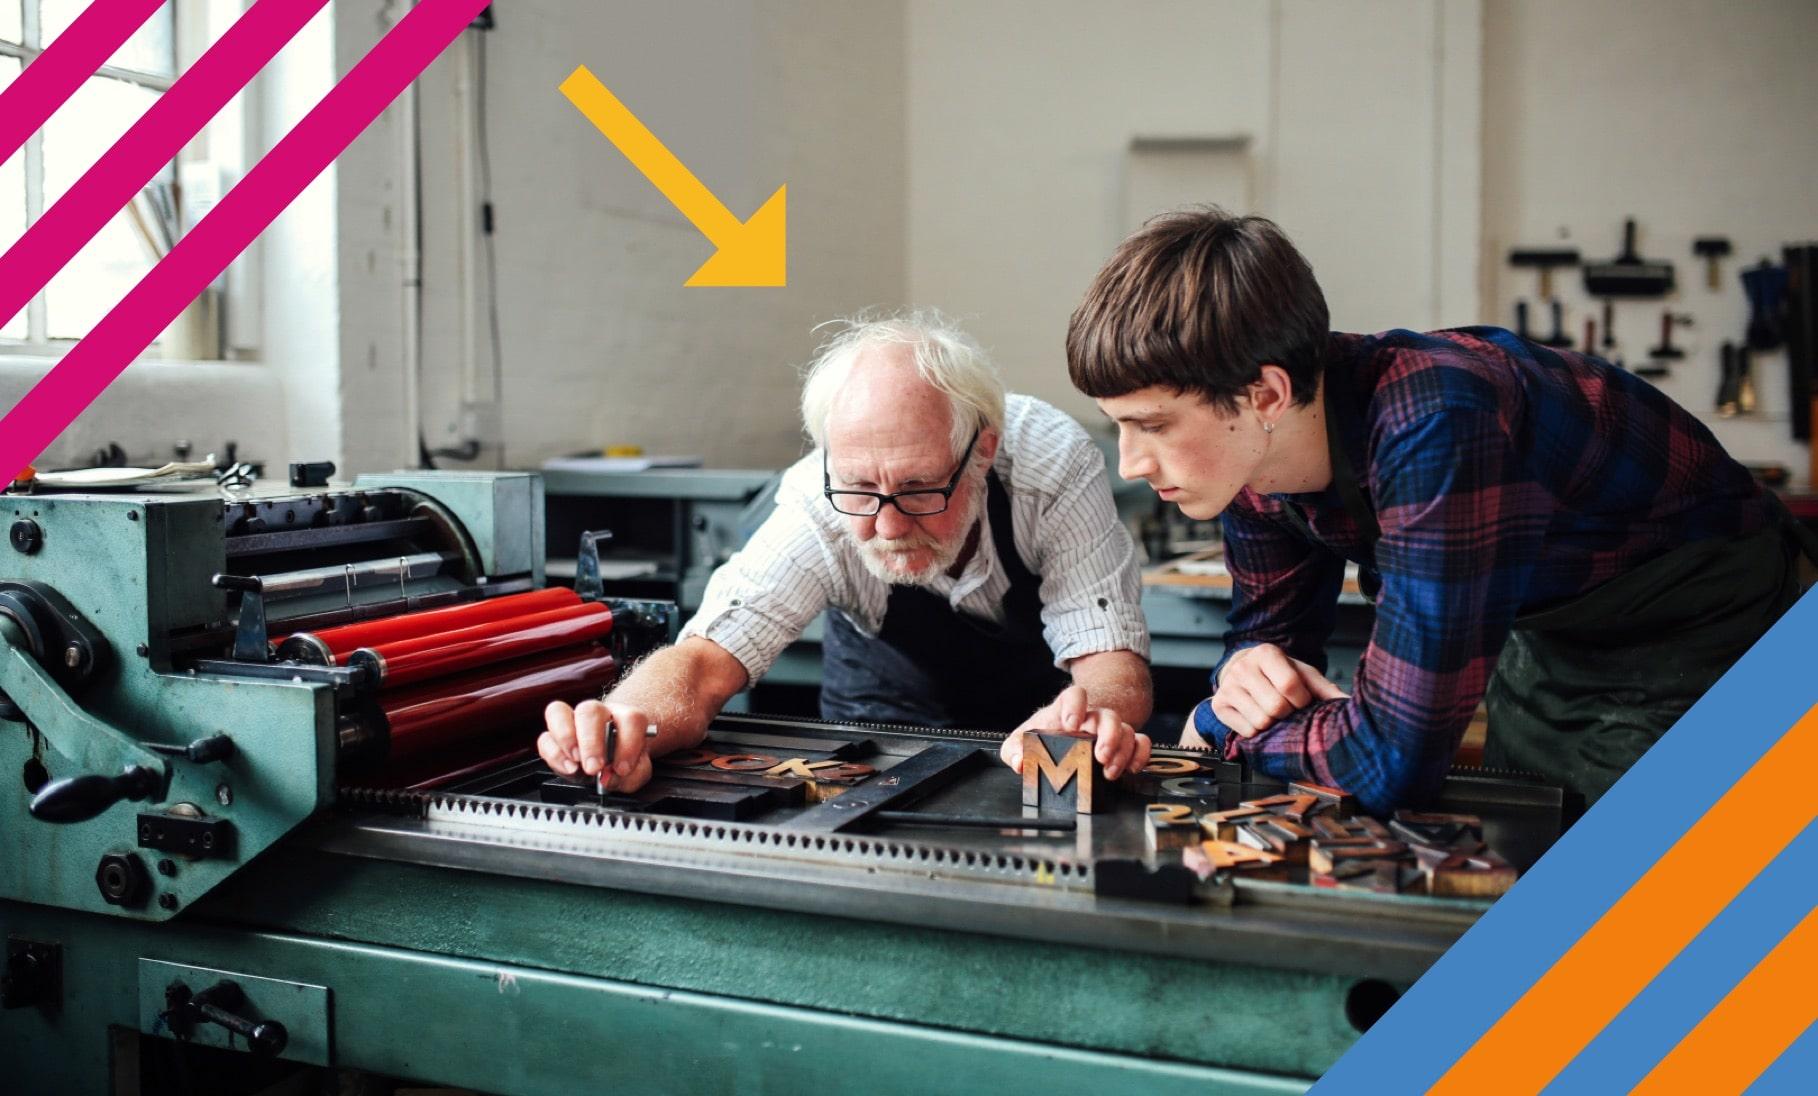 Opa als Azubi-Coach: Erfolgversprechender Generationsaustausch - DAK-Gesundheit